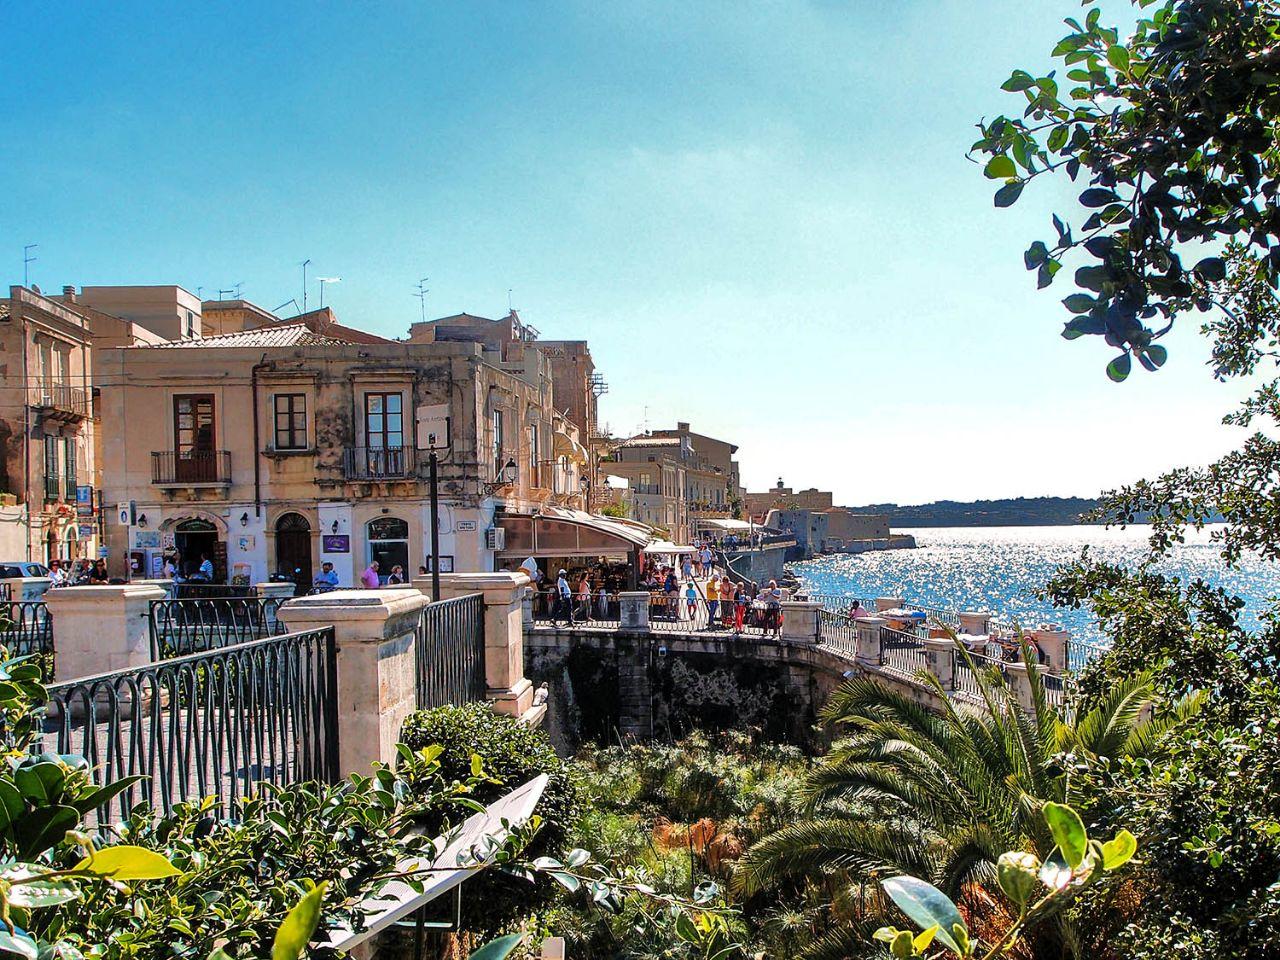 Топ-5 интересных фактов о Сицилии, которые неизвестны даже некоторым местным